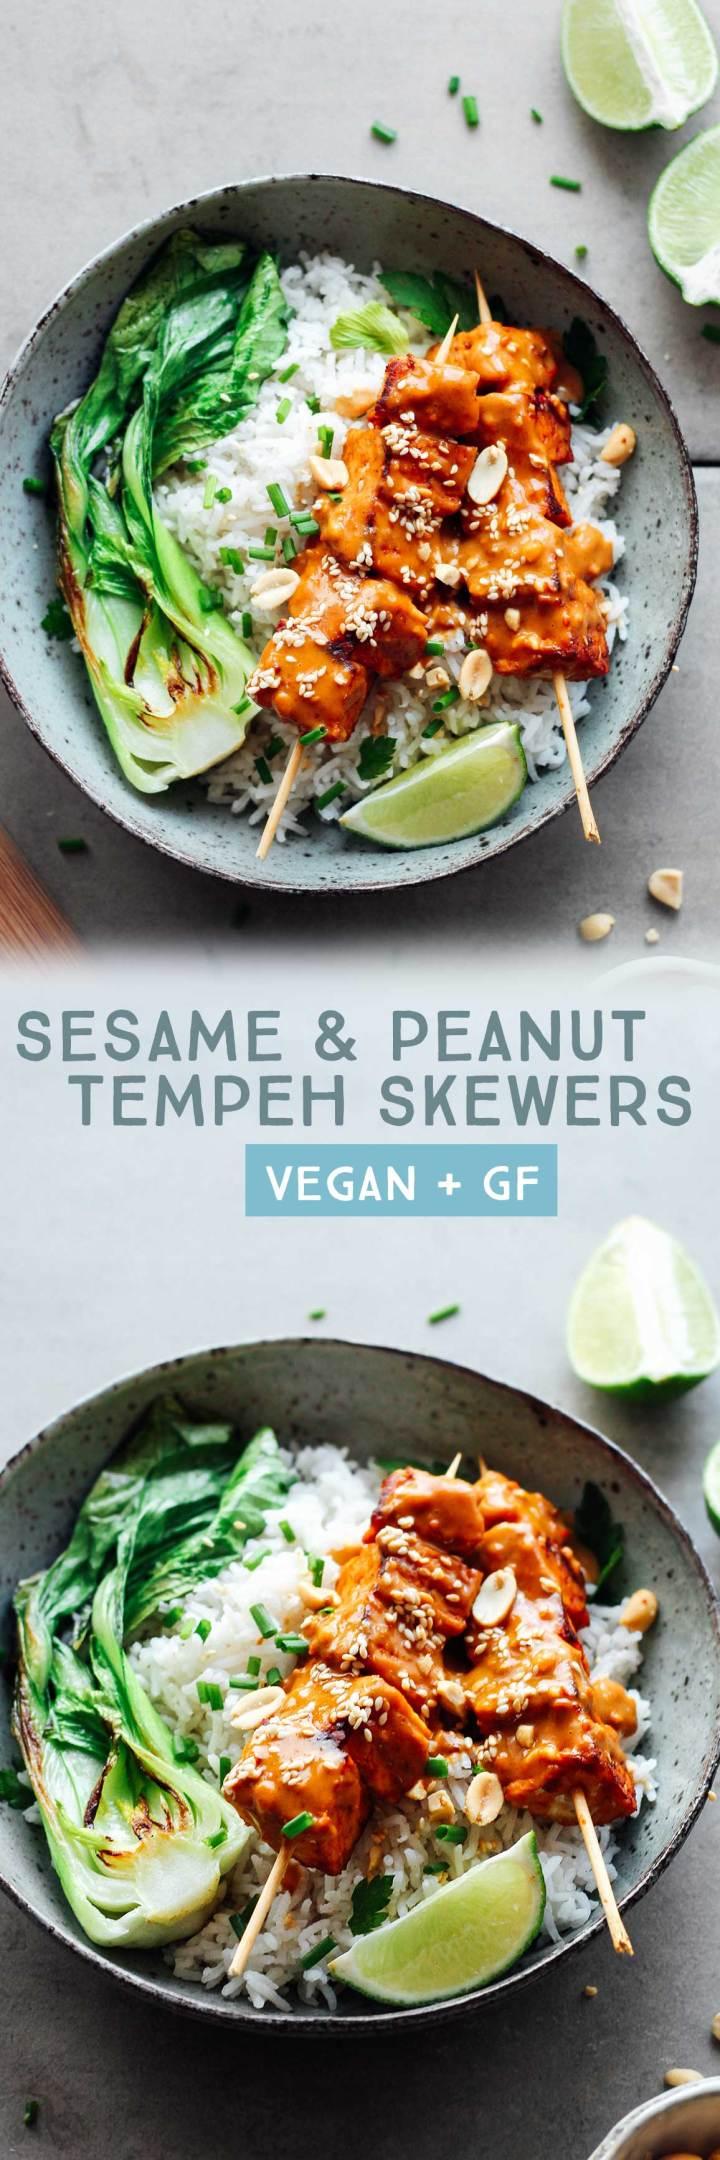 Sesame & Peanut Tempeh Skewers